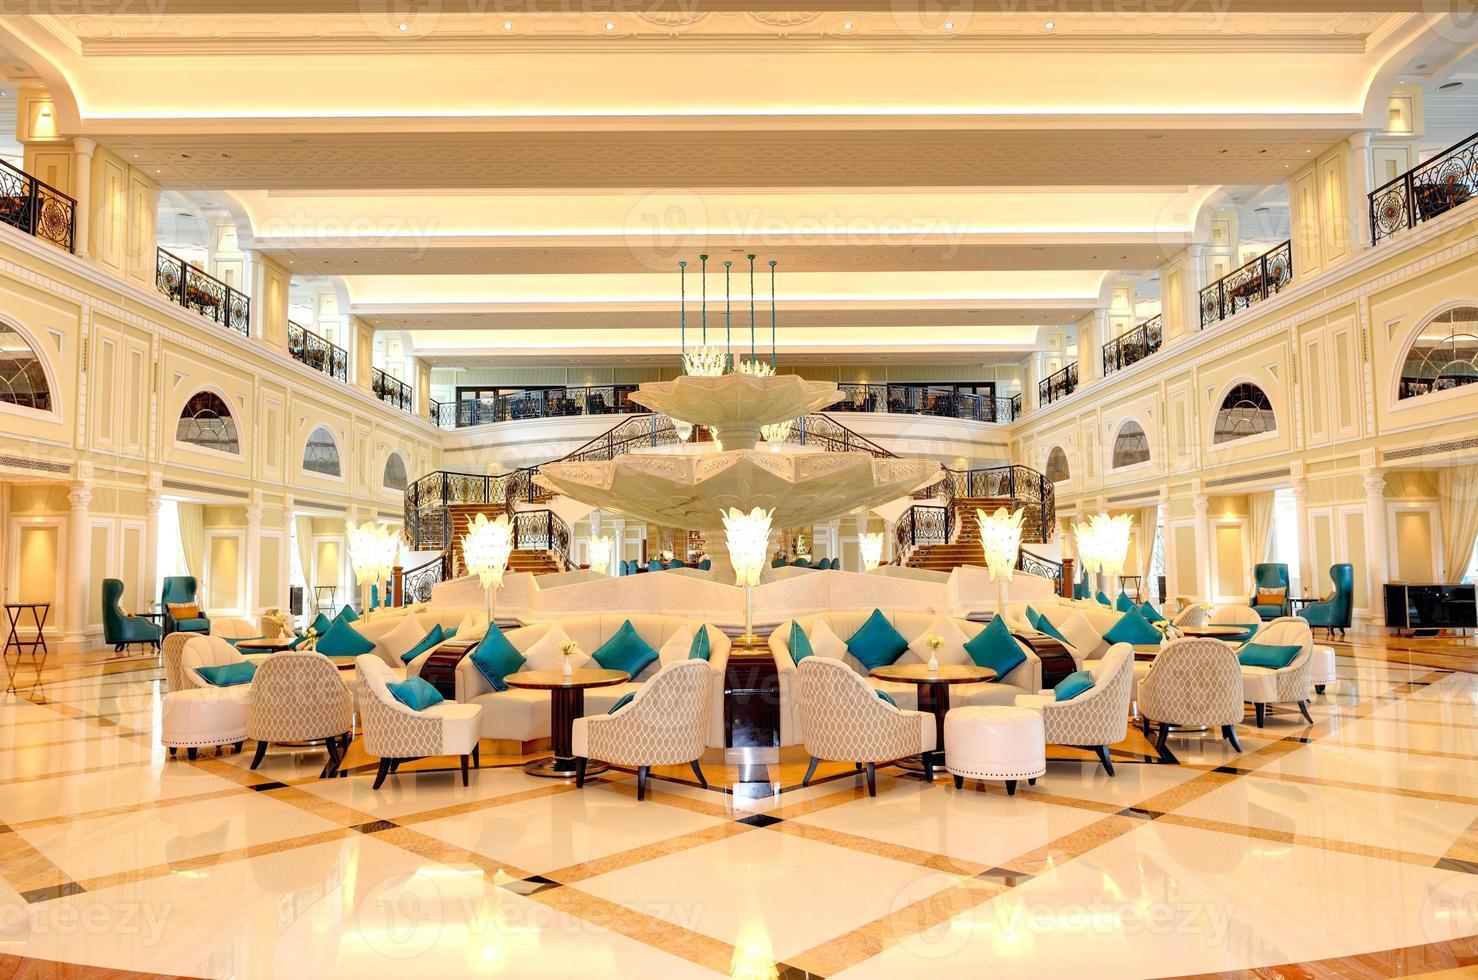 beleuchtetes Lobby-Interieur eines luxuriösen Hotels foto